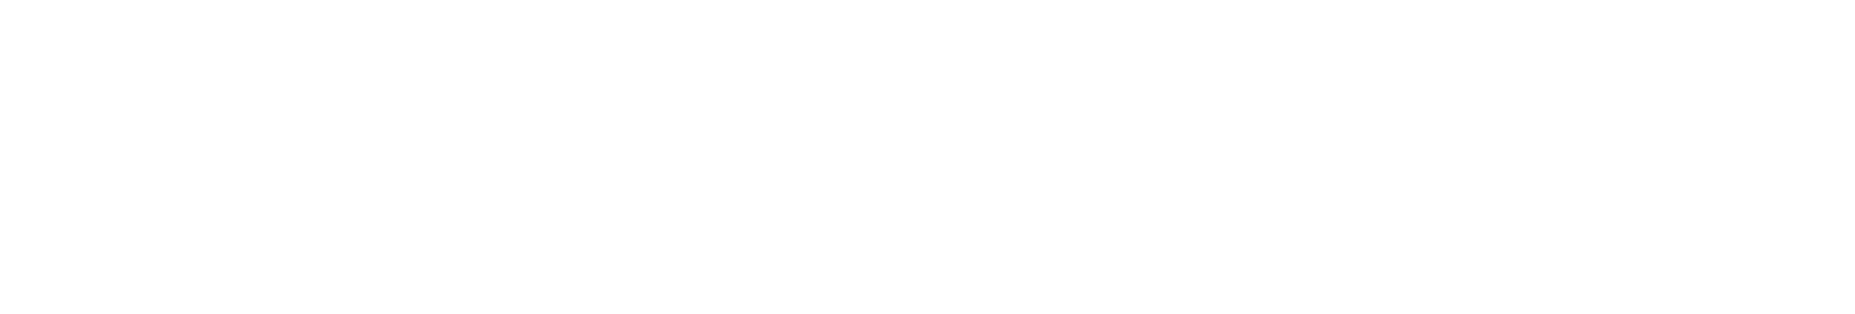 desarrollo-para-series-de-tv-2